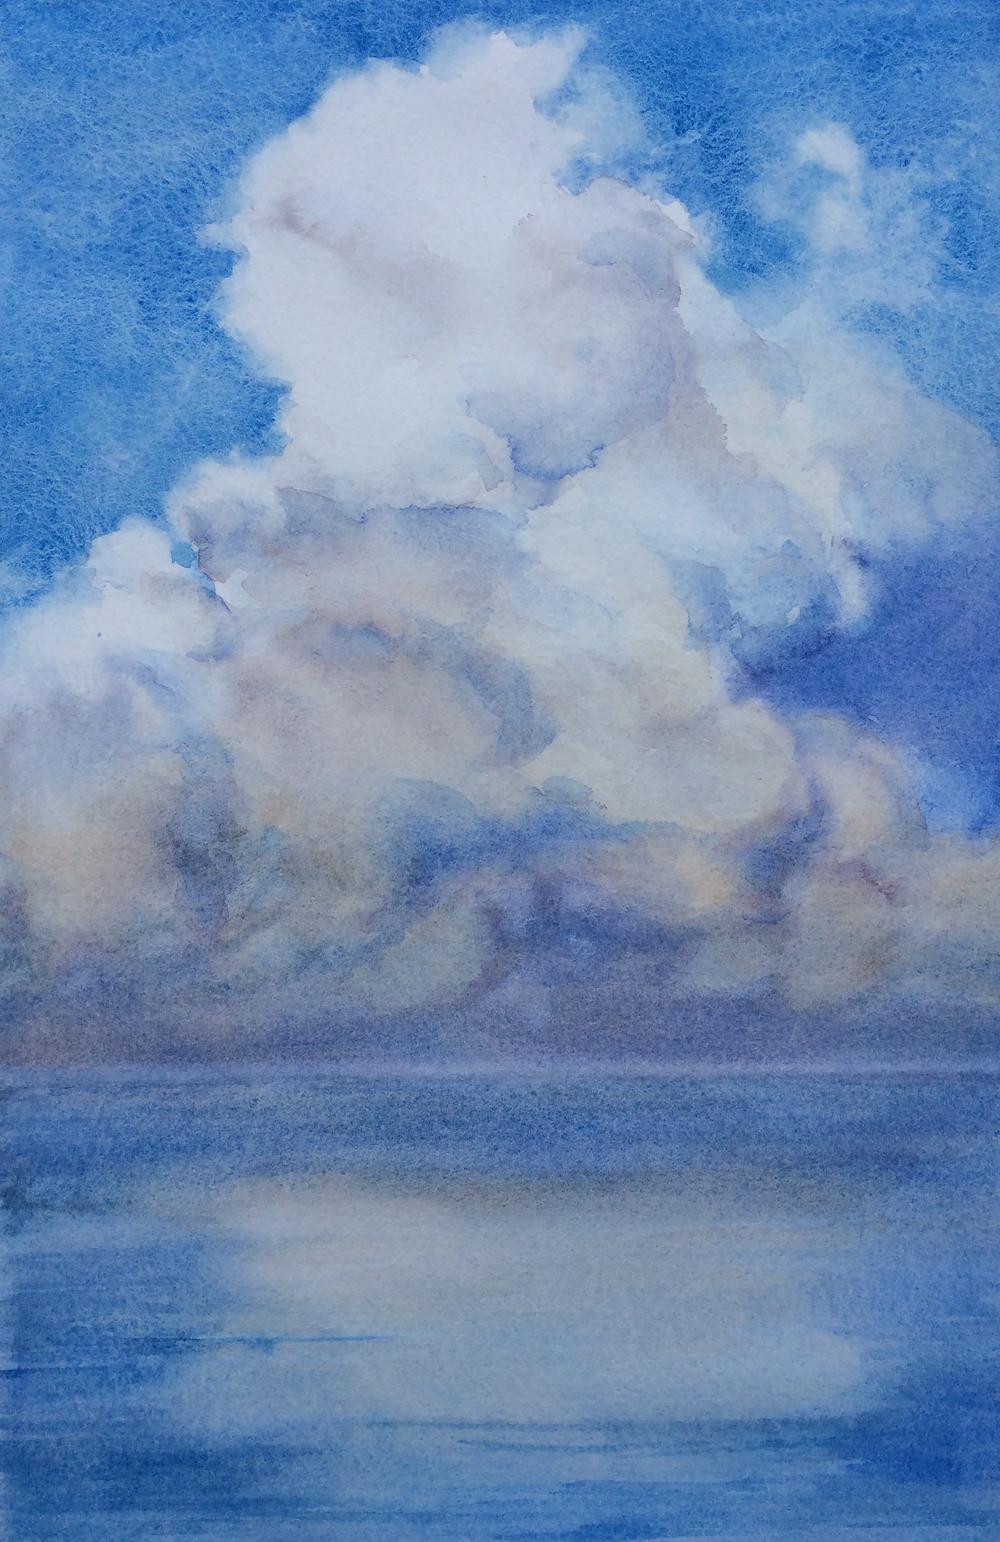 NC Wyeth clouds, Costa Rica